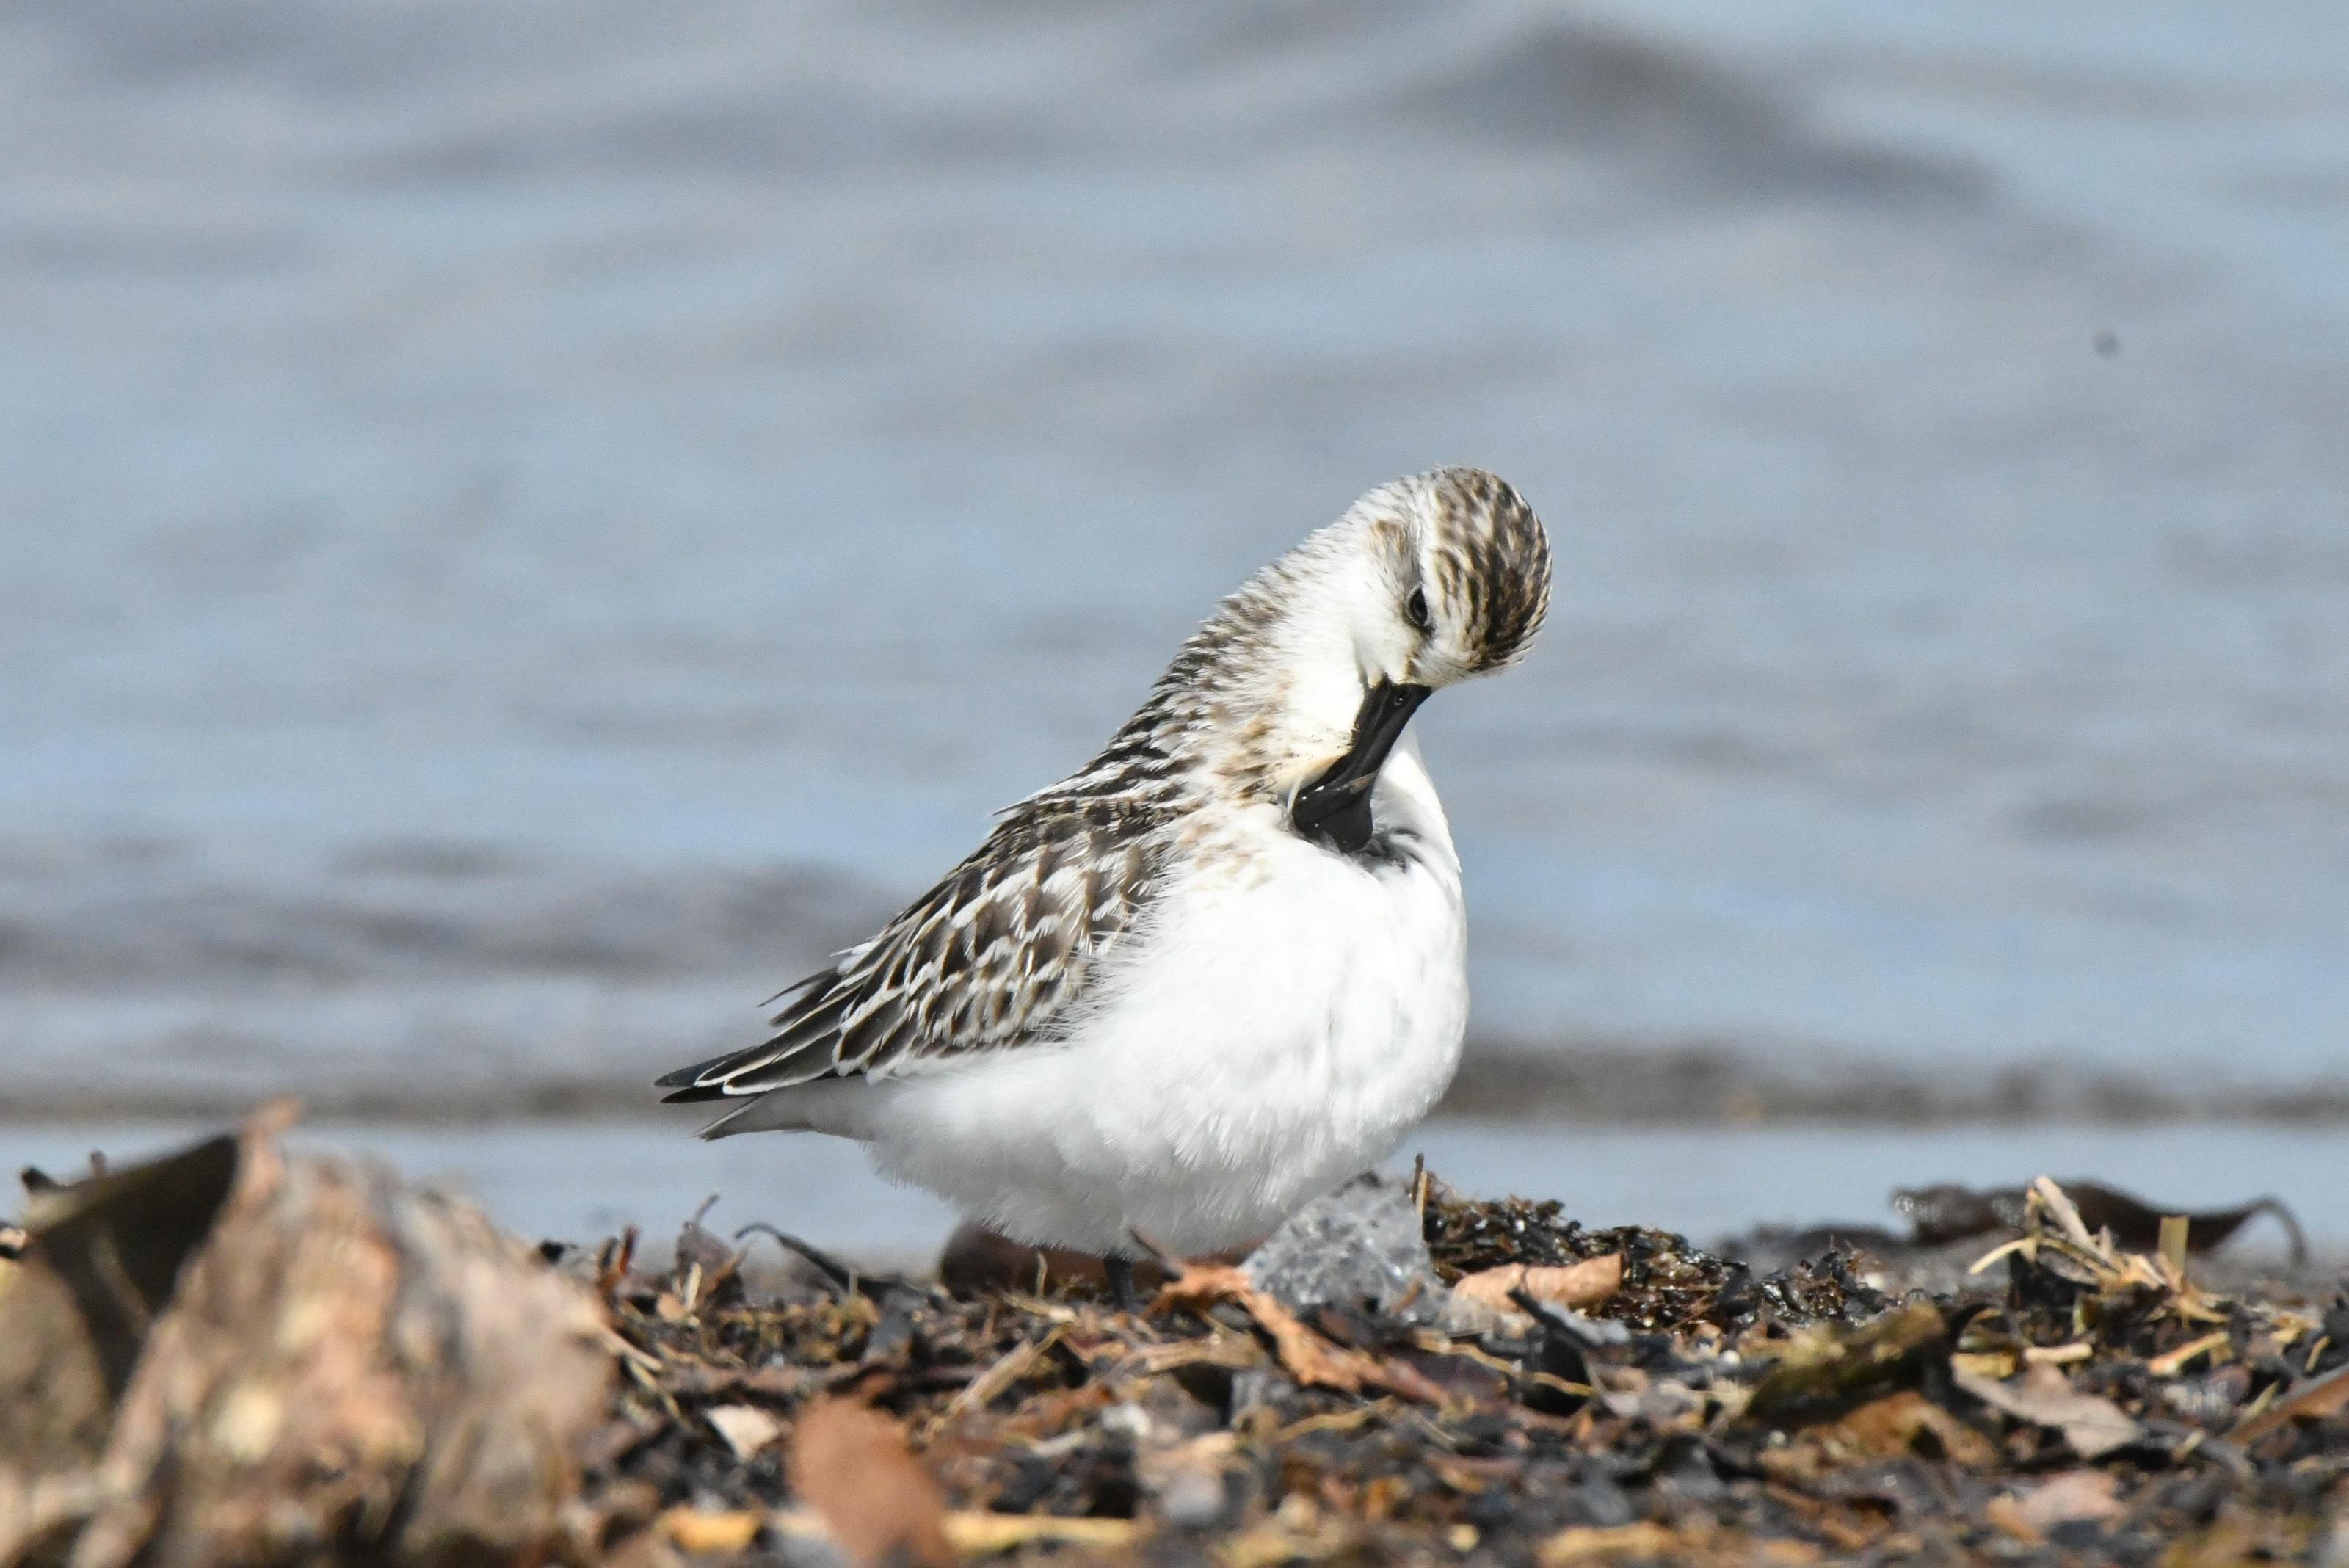 ヘラシギ 幼鳥(羽繕い)